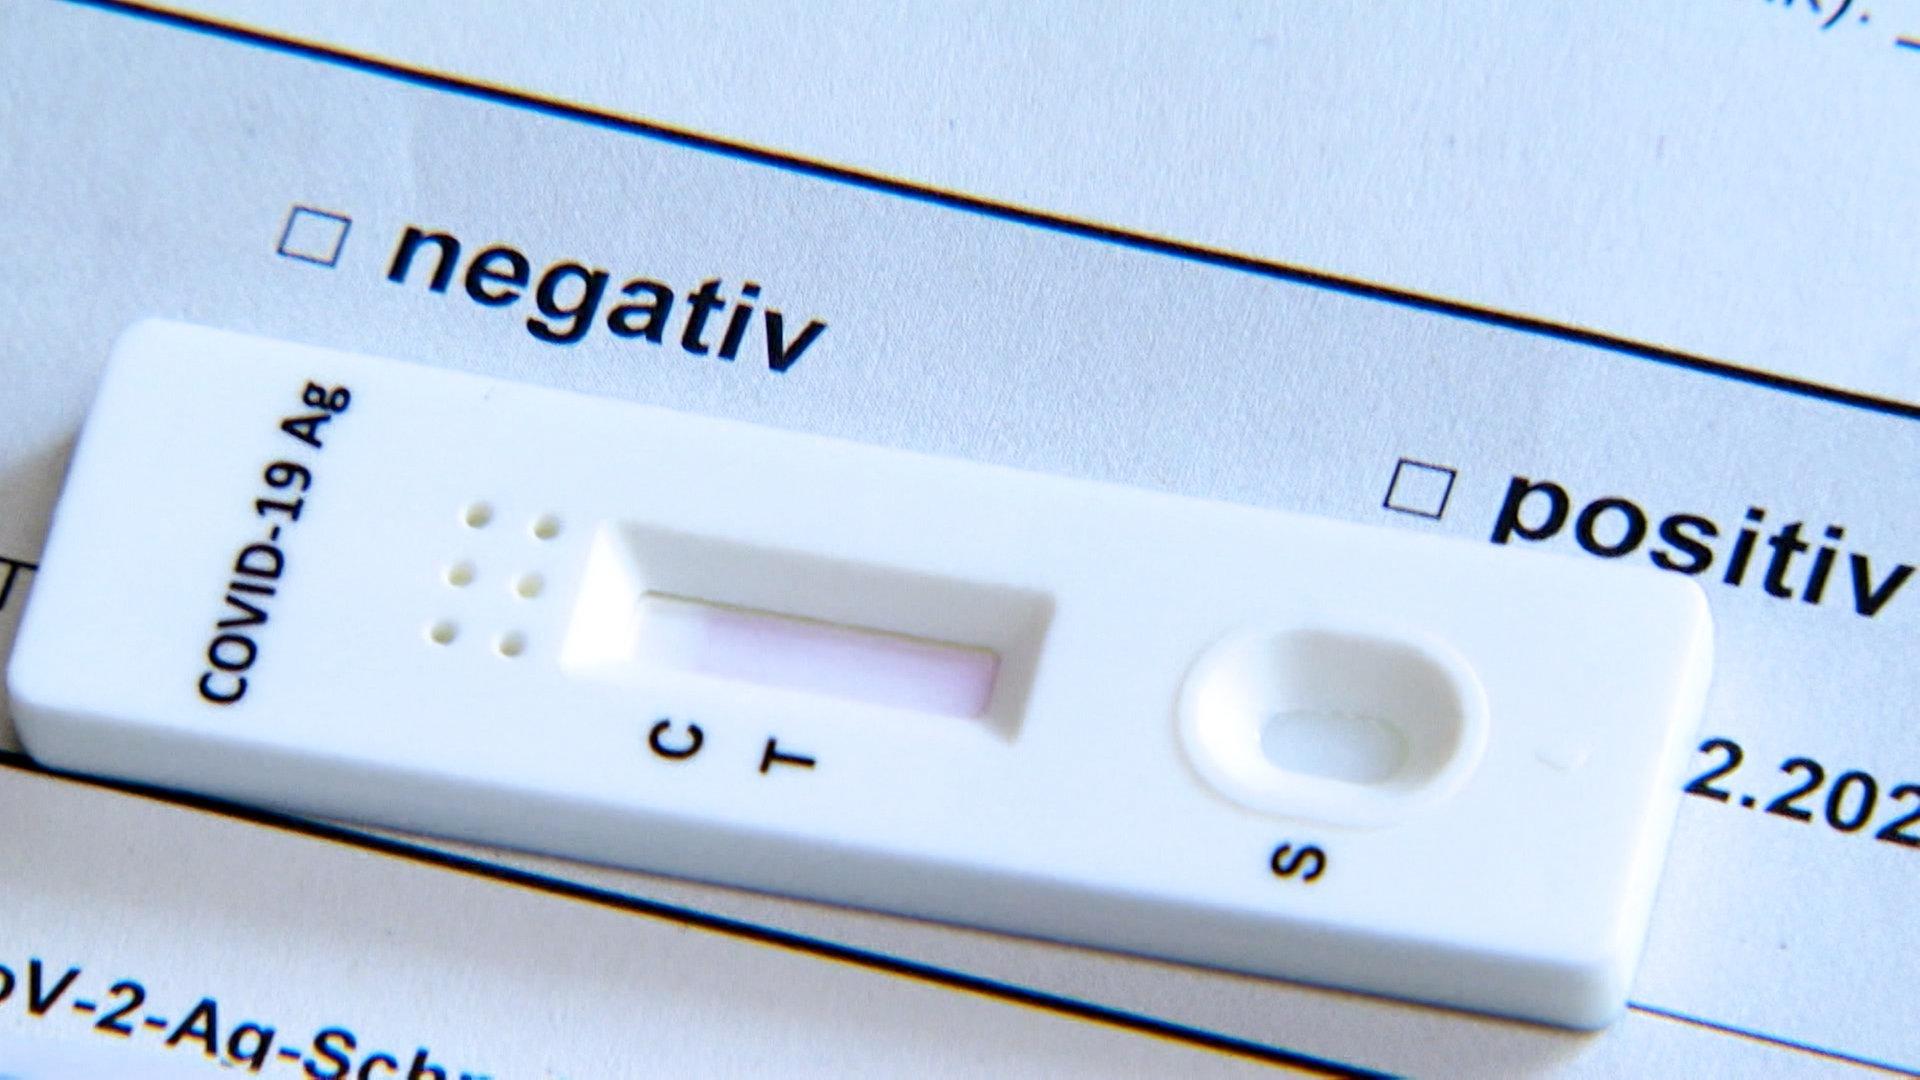 Positiv negativ einmal schwangerschaftstest einmal Schwangerschaftstest plötzlich